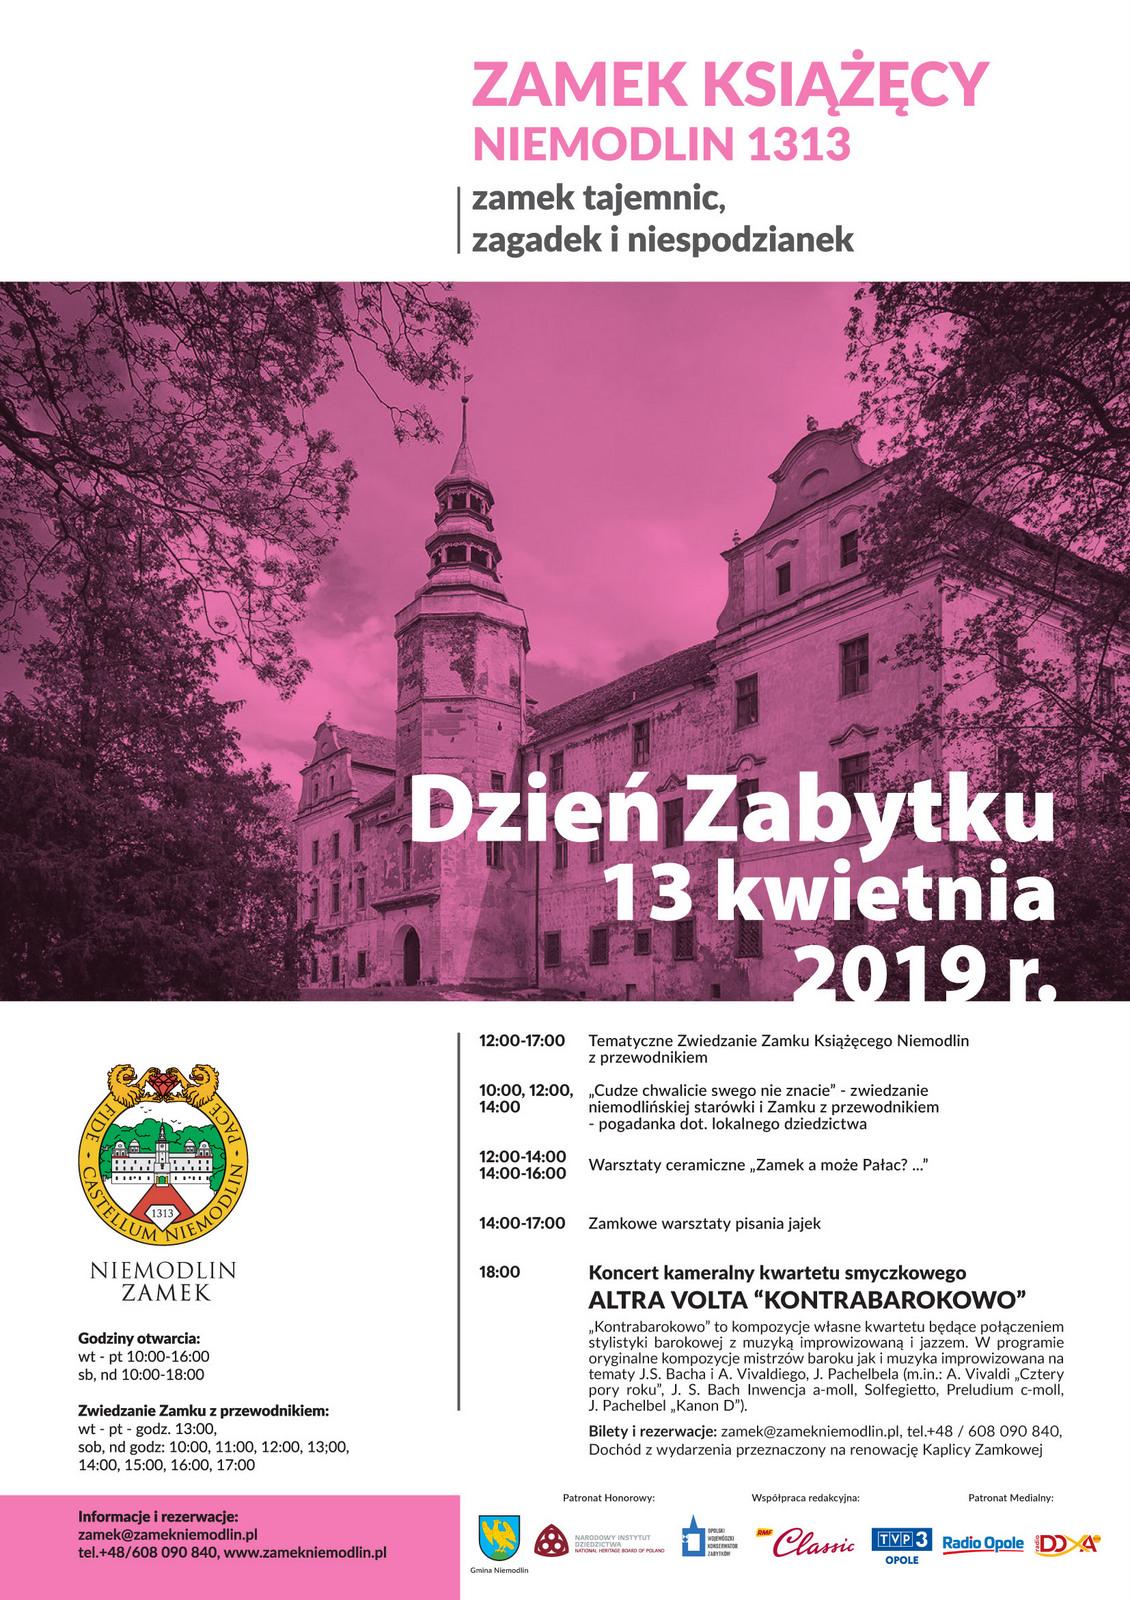 W sobotę warto odwiedzić Zamek w Niemodlinie i uczcić Dzień Zabytku!